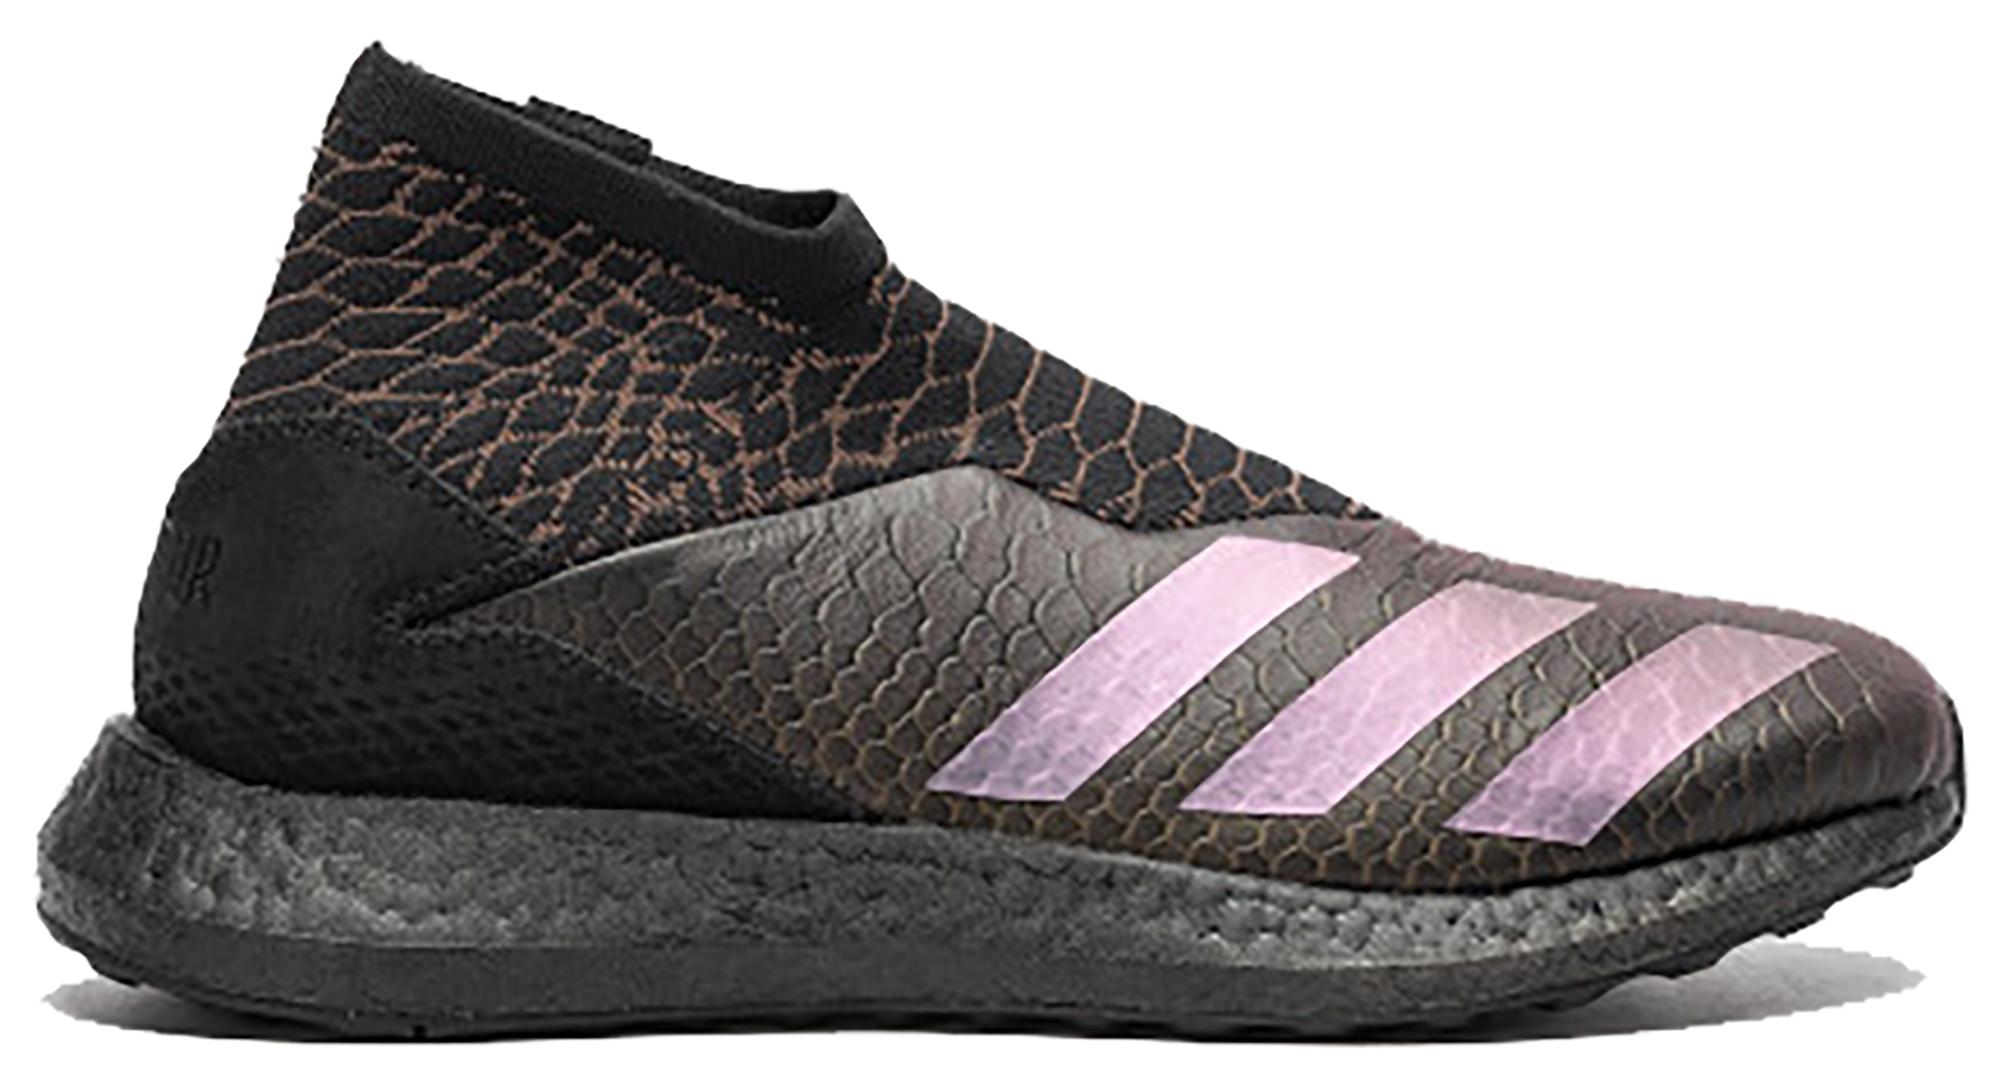 Adidas Predator Mutator 20.1 FG Men鈥檚 Fashion Footwear.